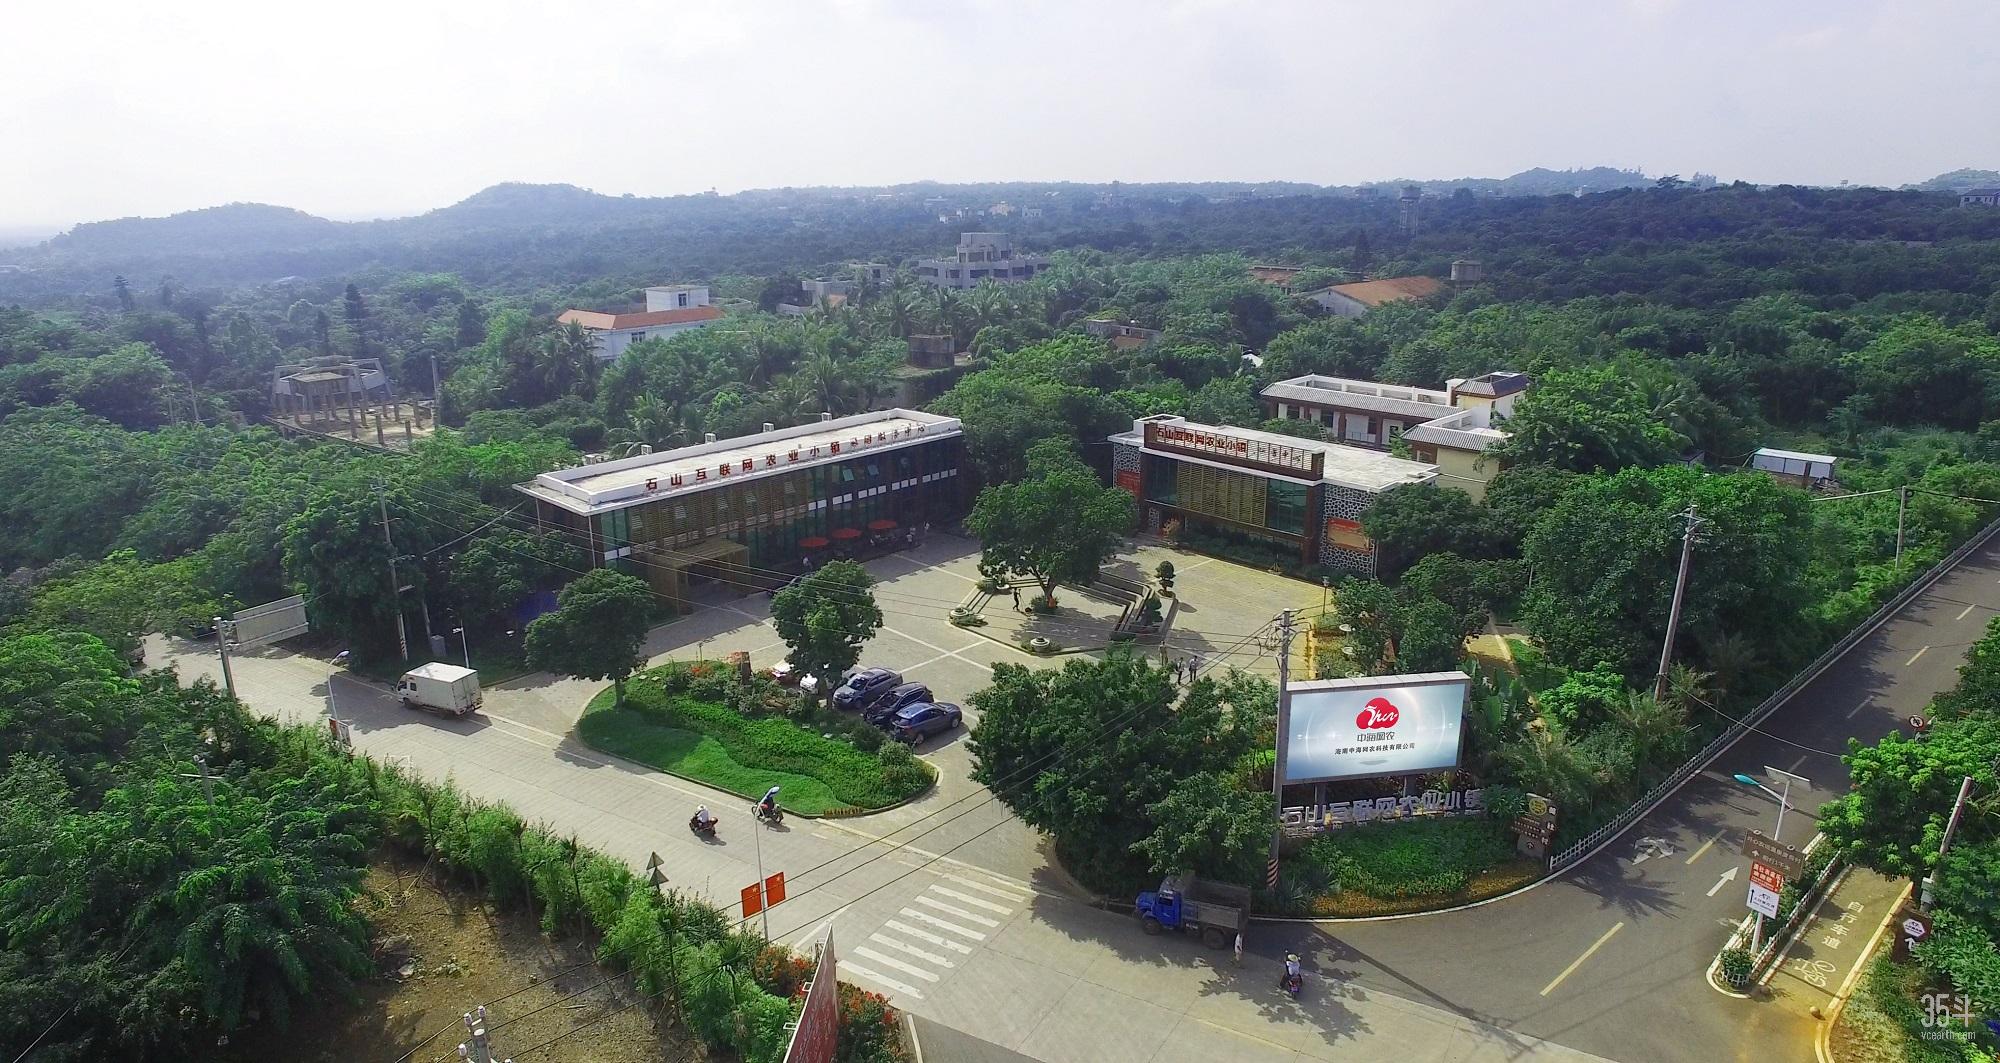 石山互联网农业小镇运营中心俯瞰图.jpg